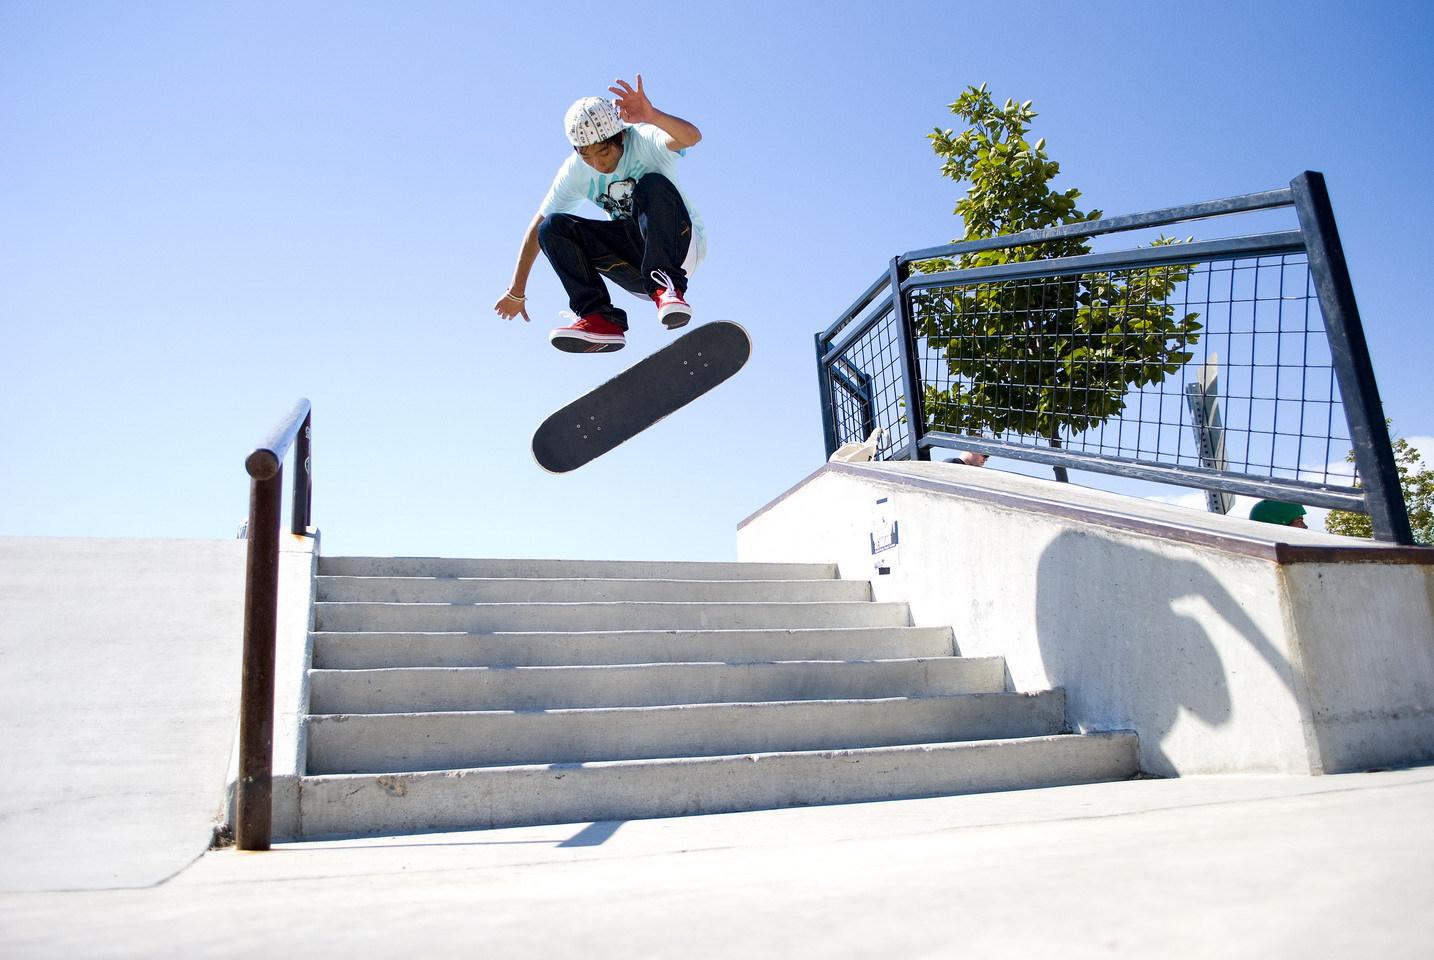 Skateboarding Wallpapers Hd